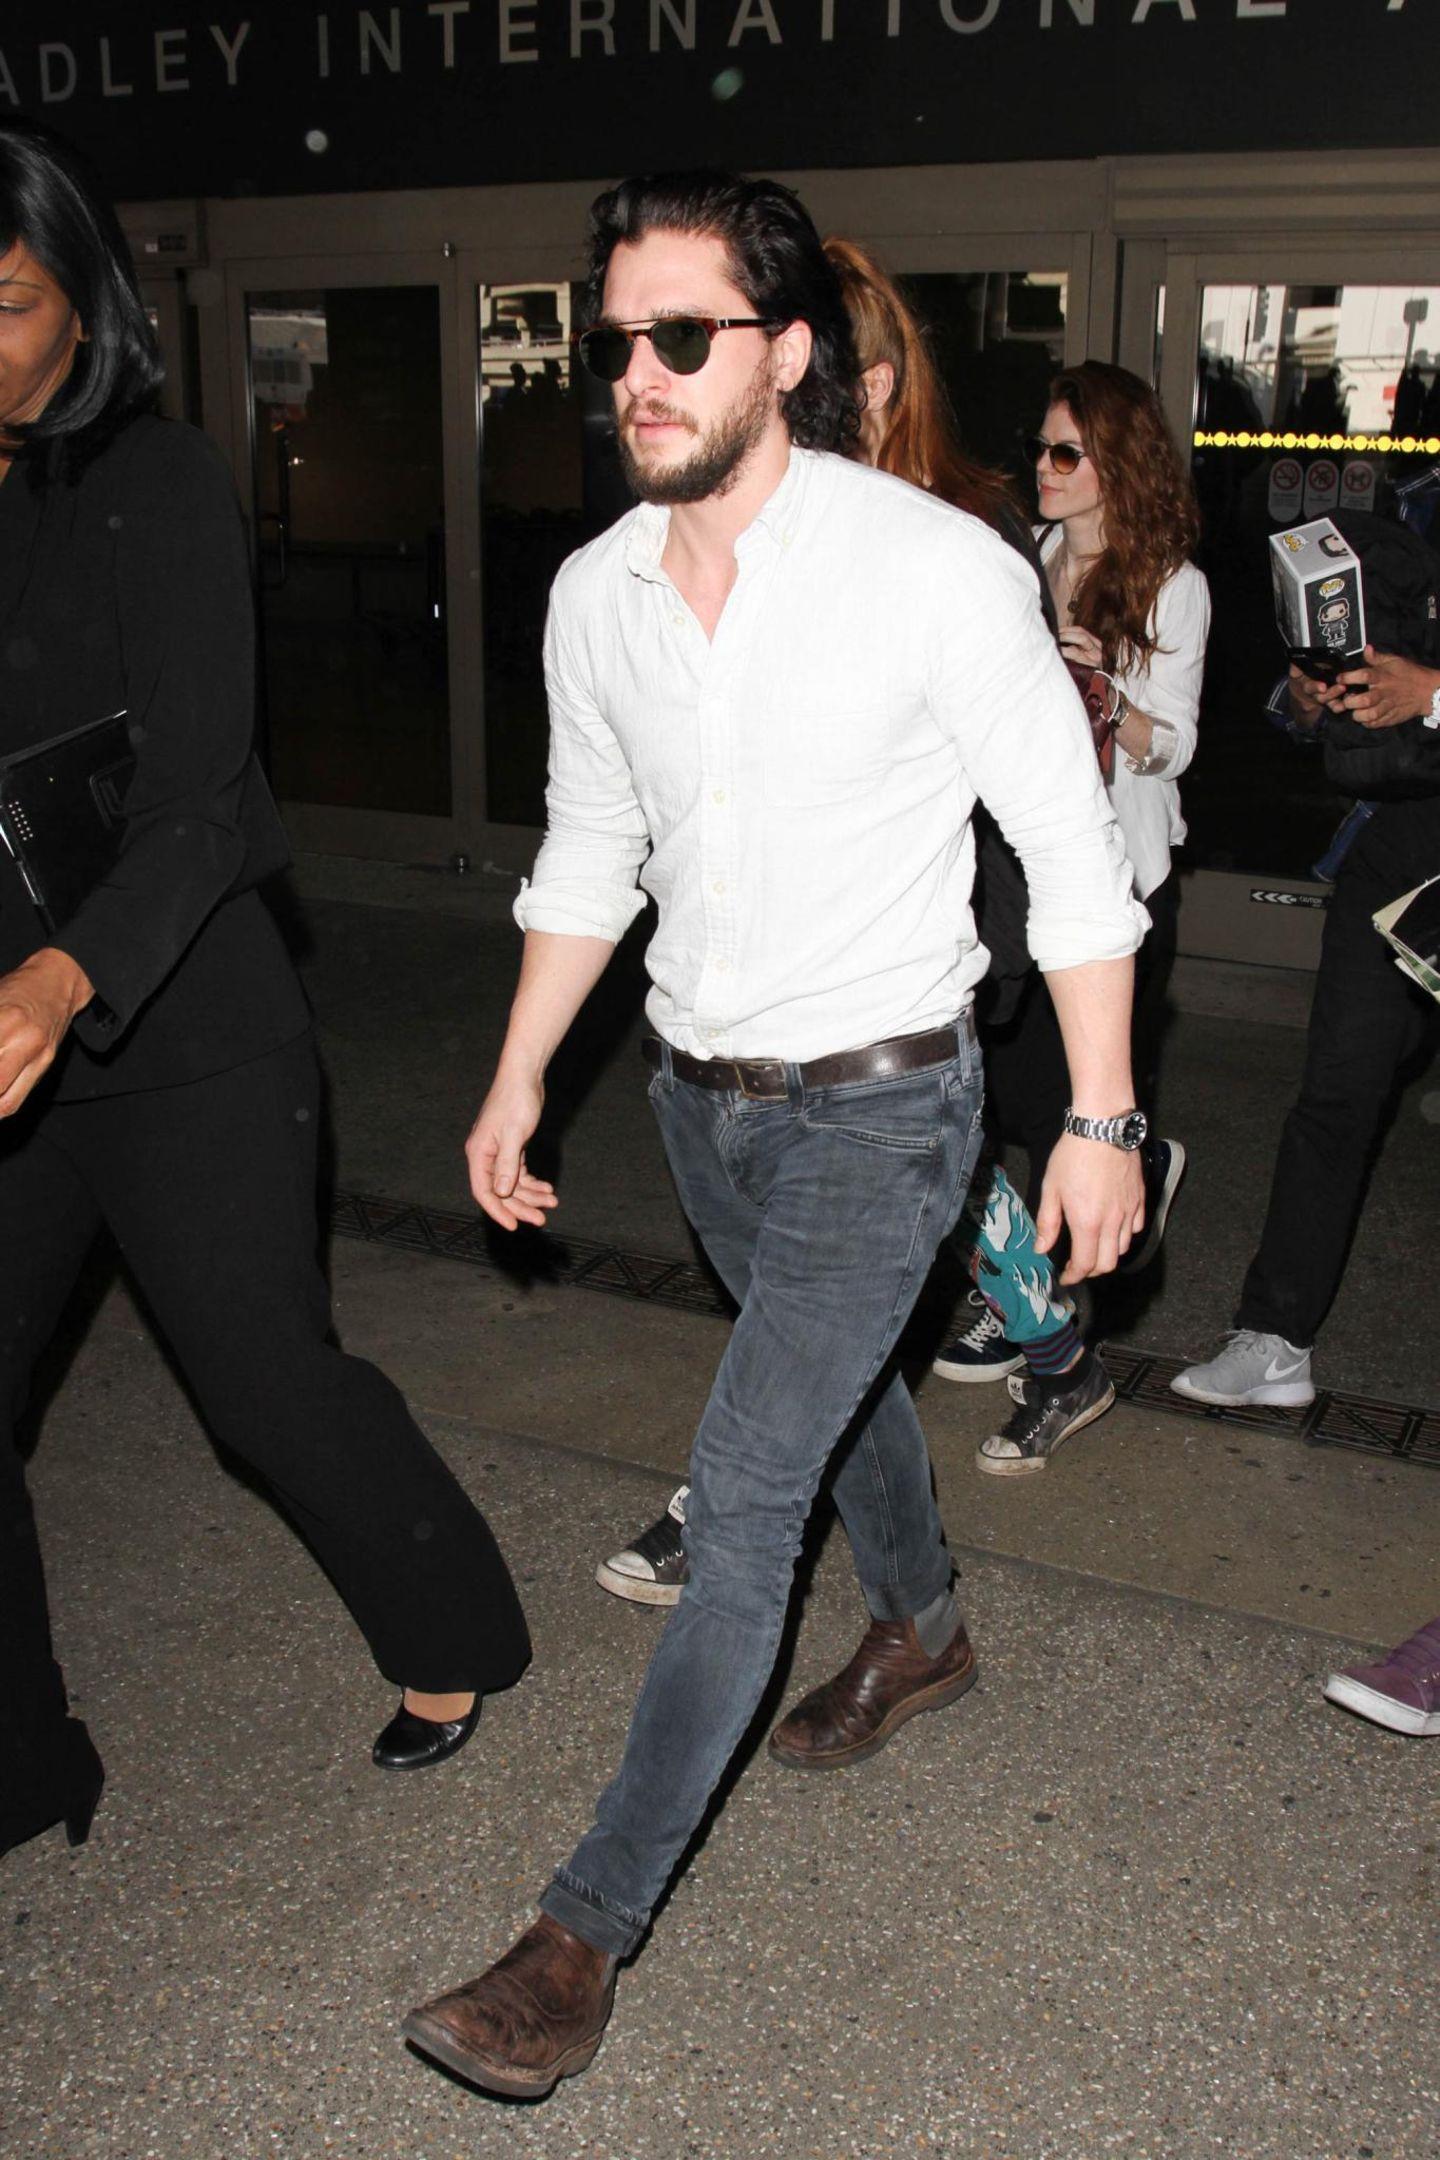 """Der """"Game of Thrones""""- Star Kit Harington kommt in Hemd und Jeans und bequemen Schuhwerk am Flughafen in Los Angeles an."""